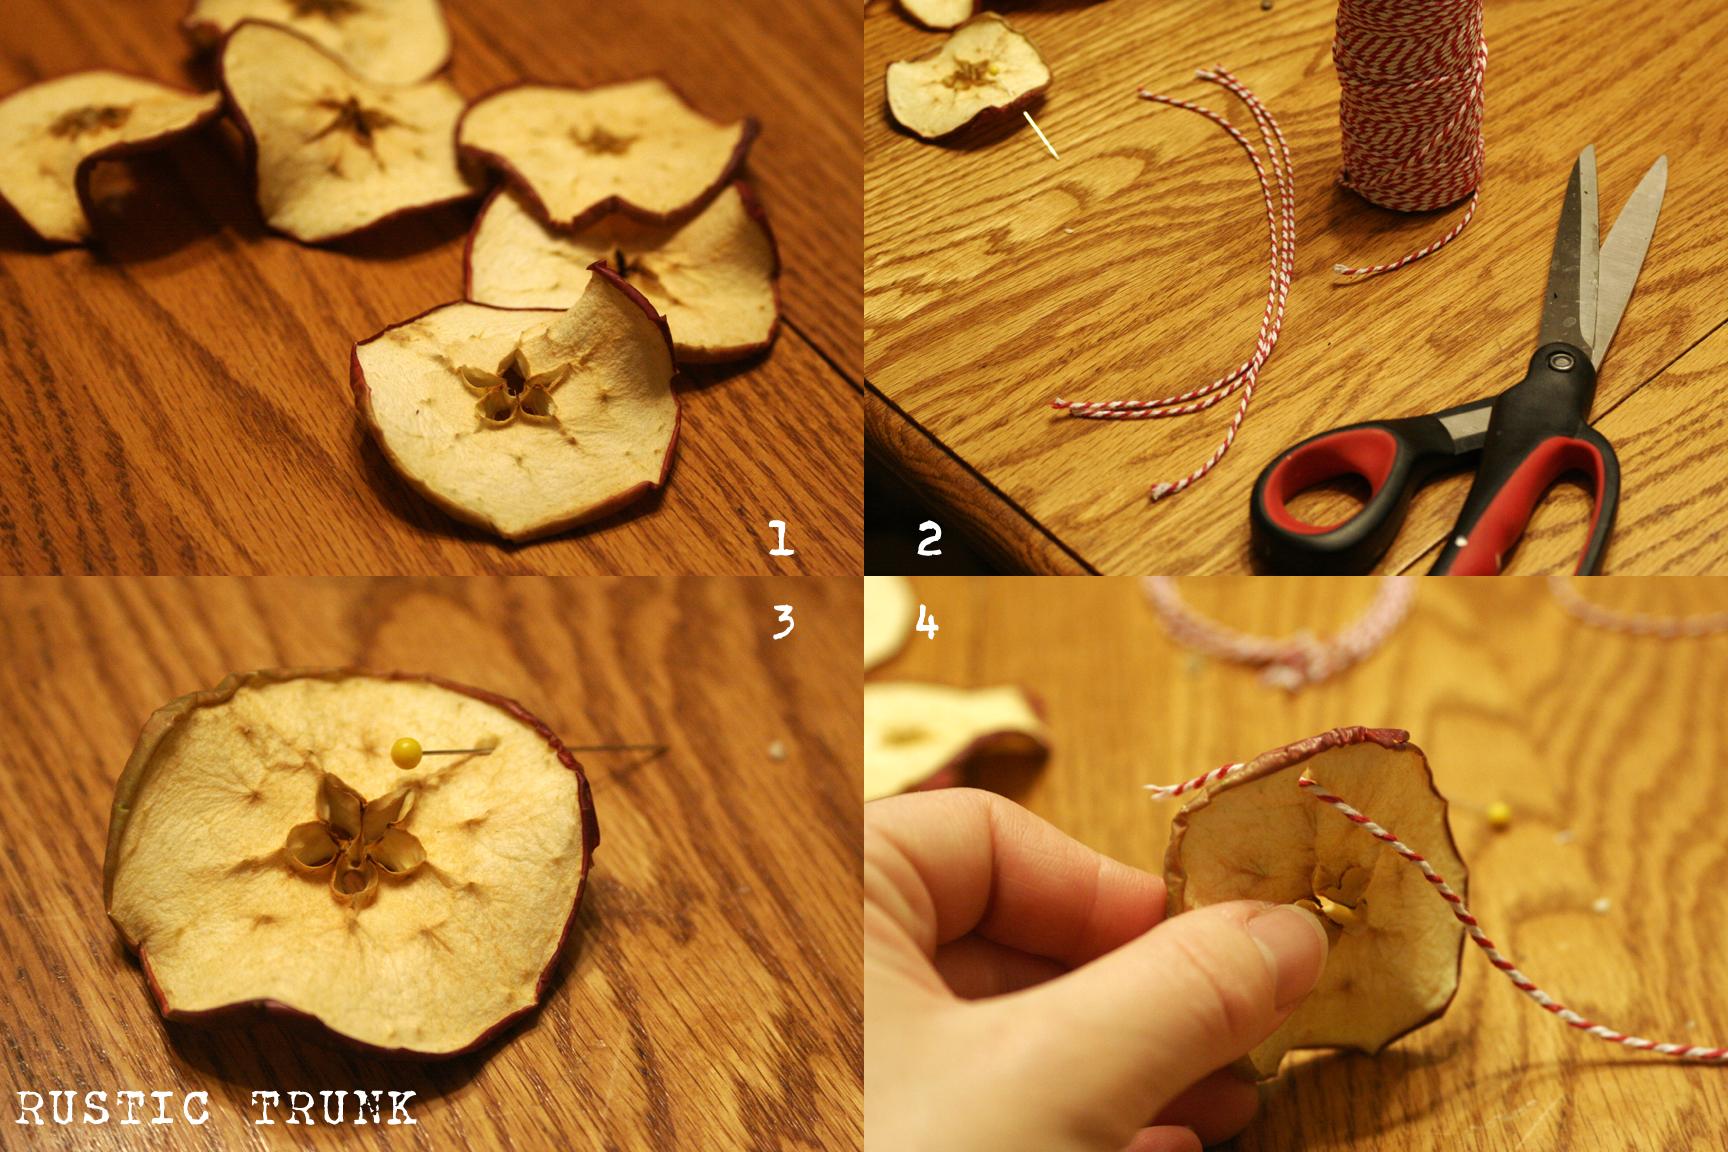 Addobbi Natalizi Con Frutta decorazioni natalizie con materiali naturali (foto)